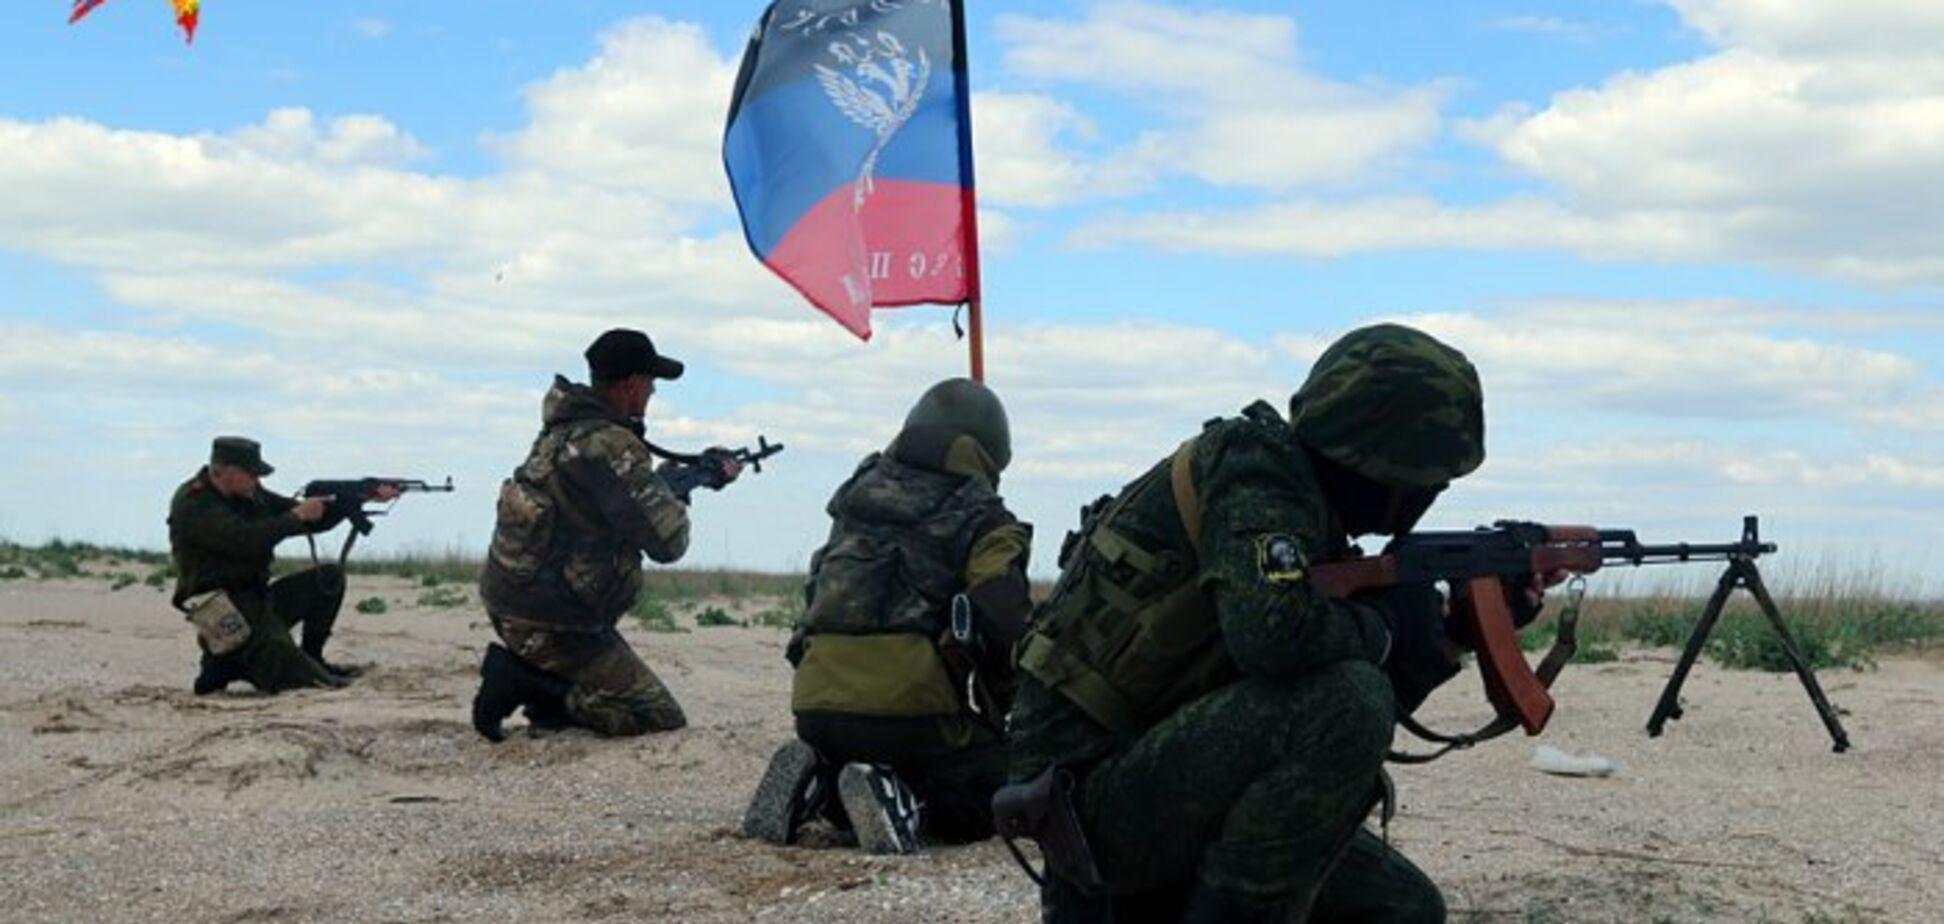 ''Флотилия'' из рыболовных лодок: командующий ВМС Украины оценил ''успехи'' ''ДНР'' на Азове